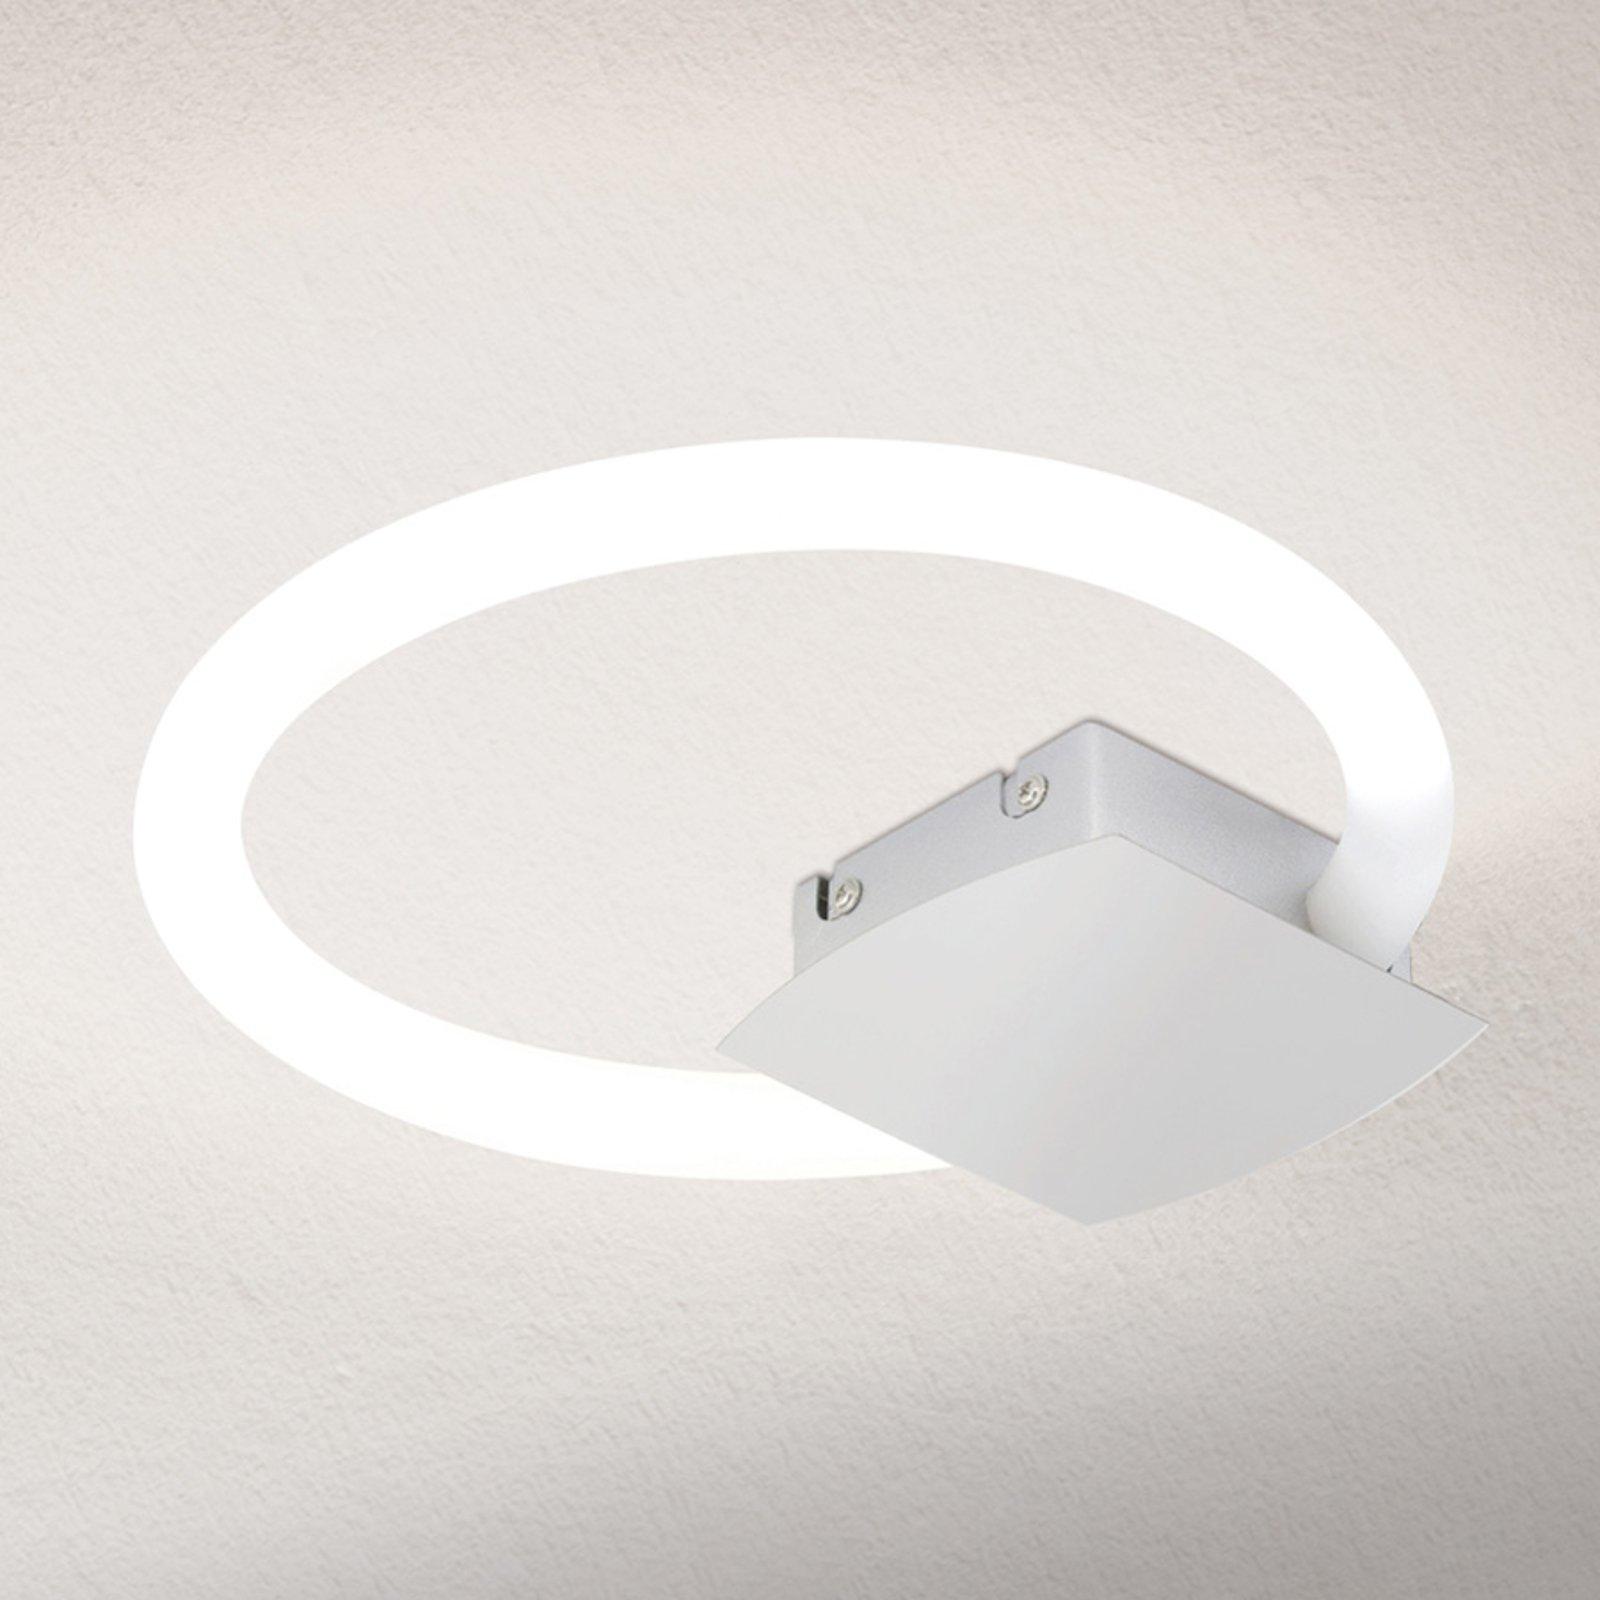 LED-taklampe Karlsson i ringform, 26 cm